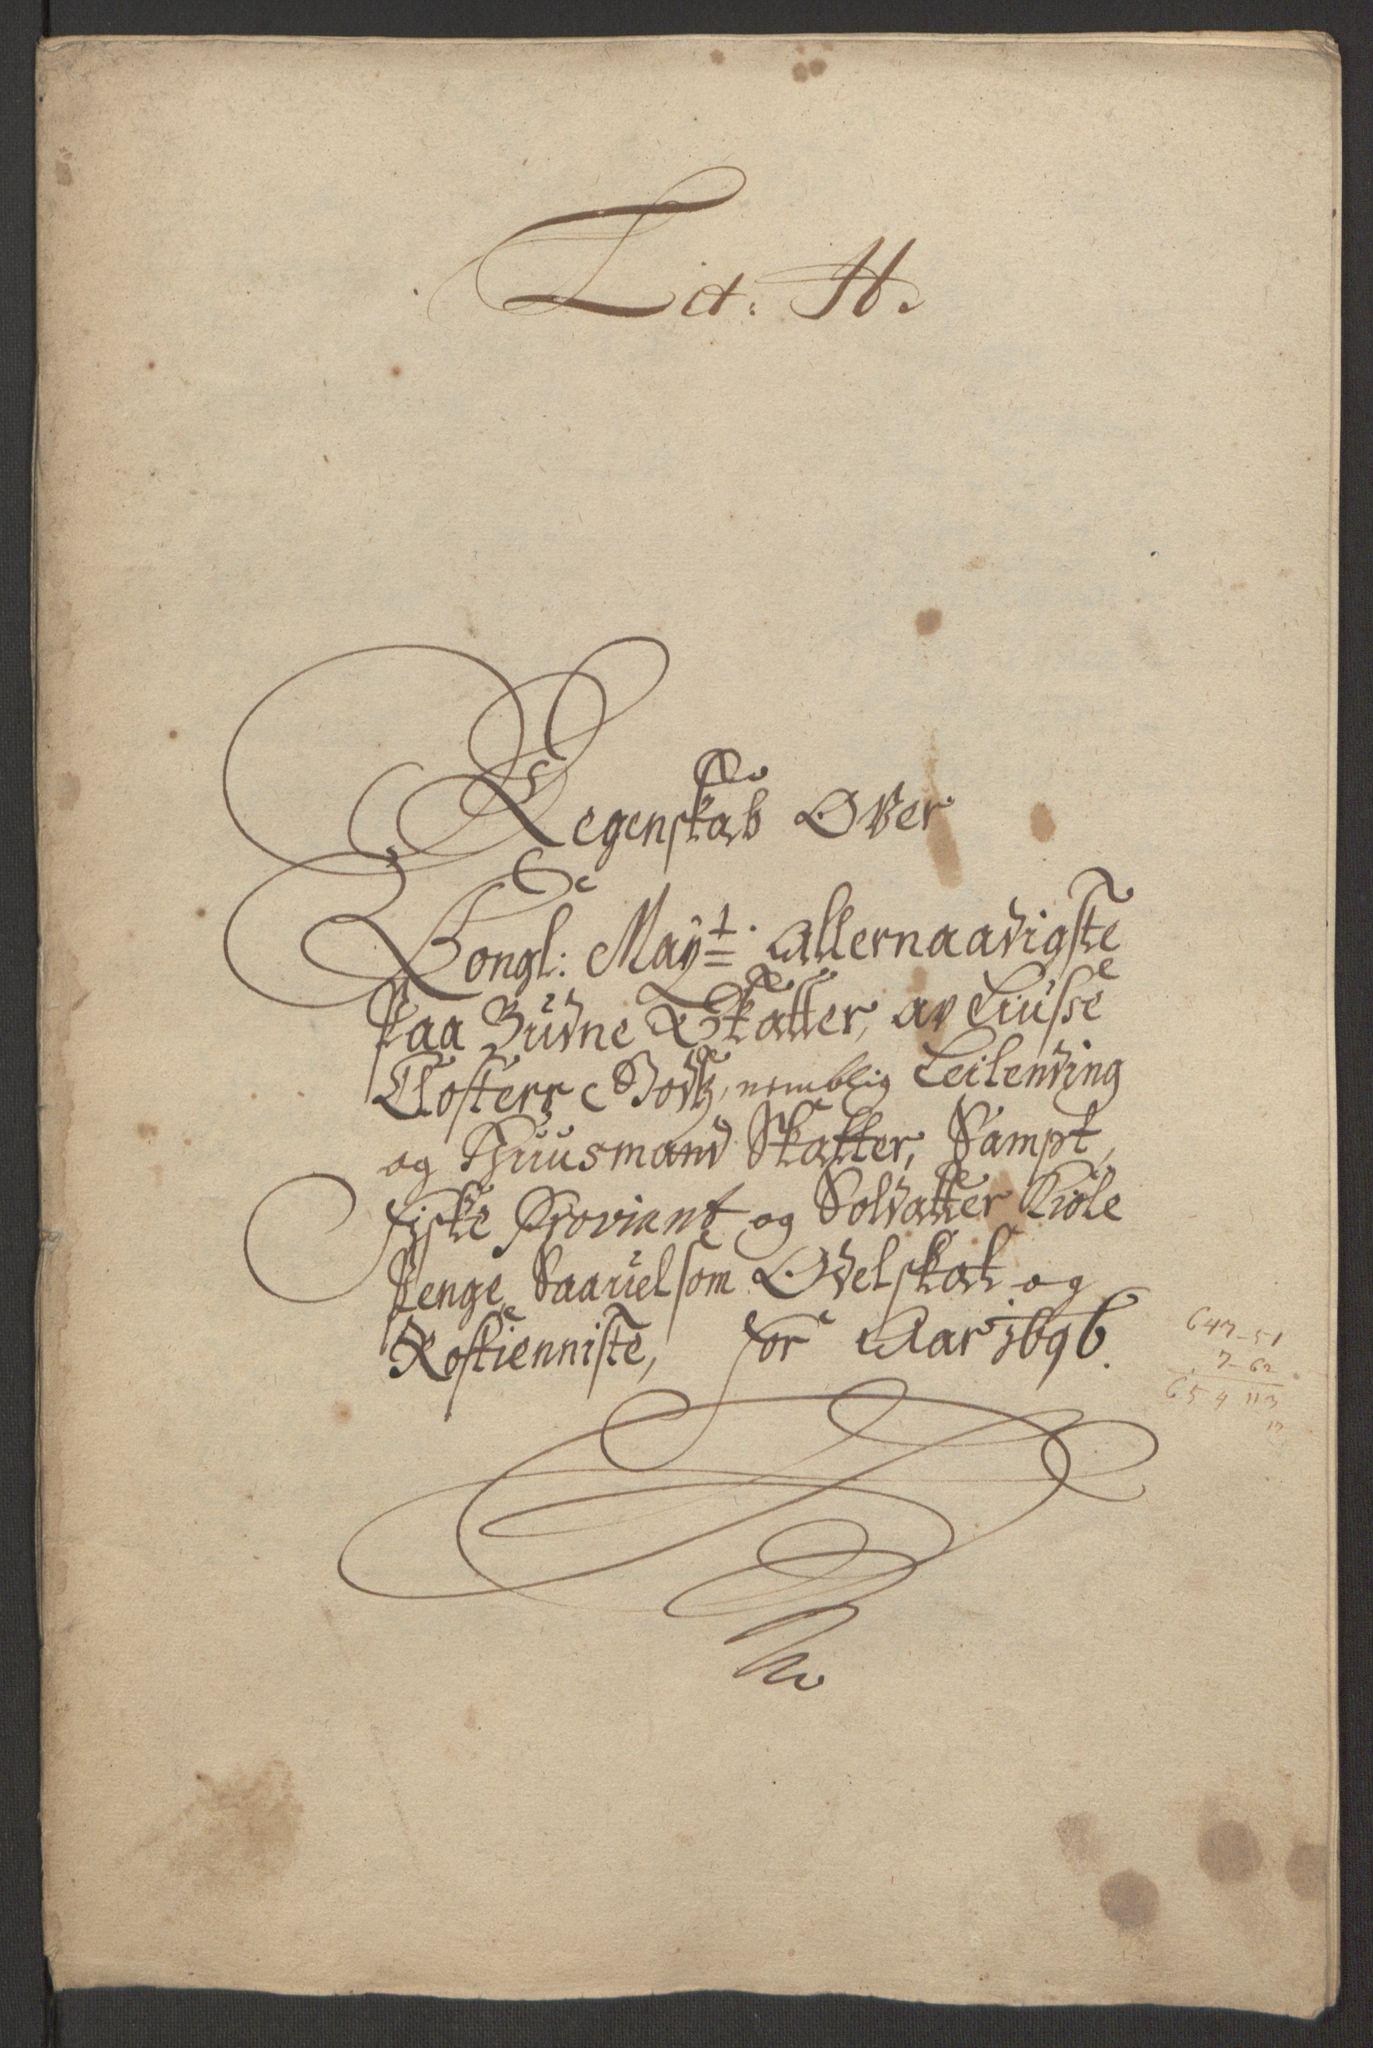 RA, Rentekammeret inntil 1814, Reviderte regnskaper, Fogderegnskap, R50/L3159: Fogderegnskap Lyse kloster, 1691-1709, s. 47